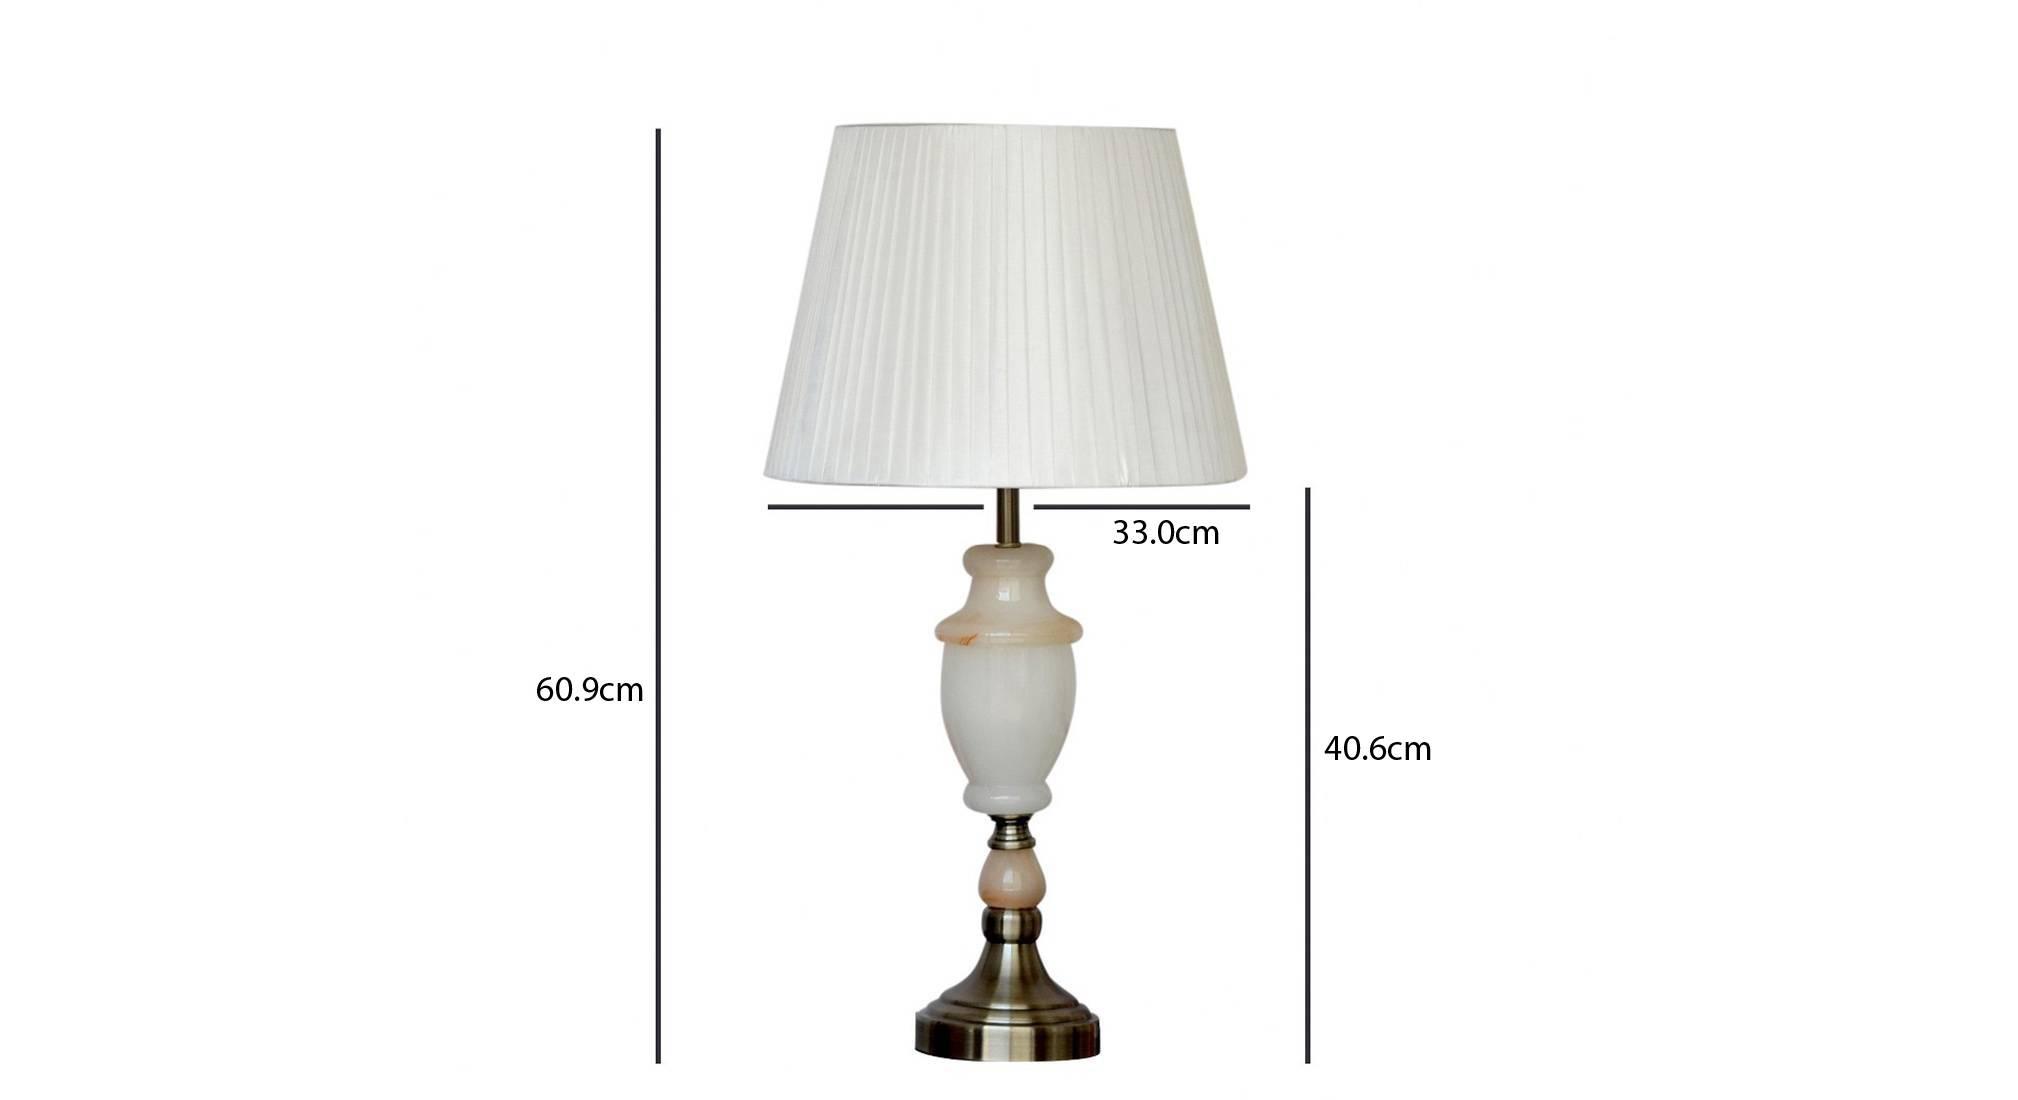 Foetini table lamp 5